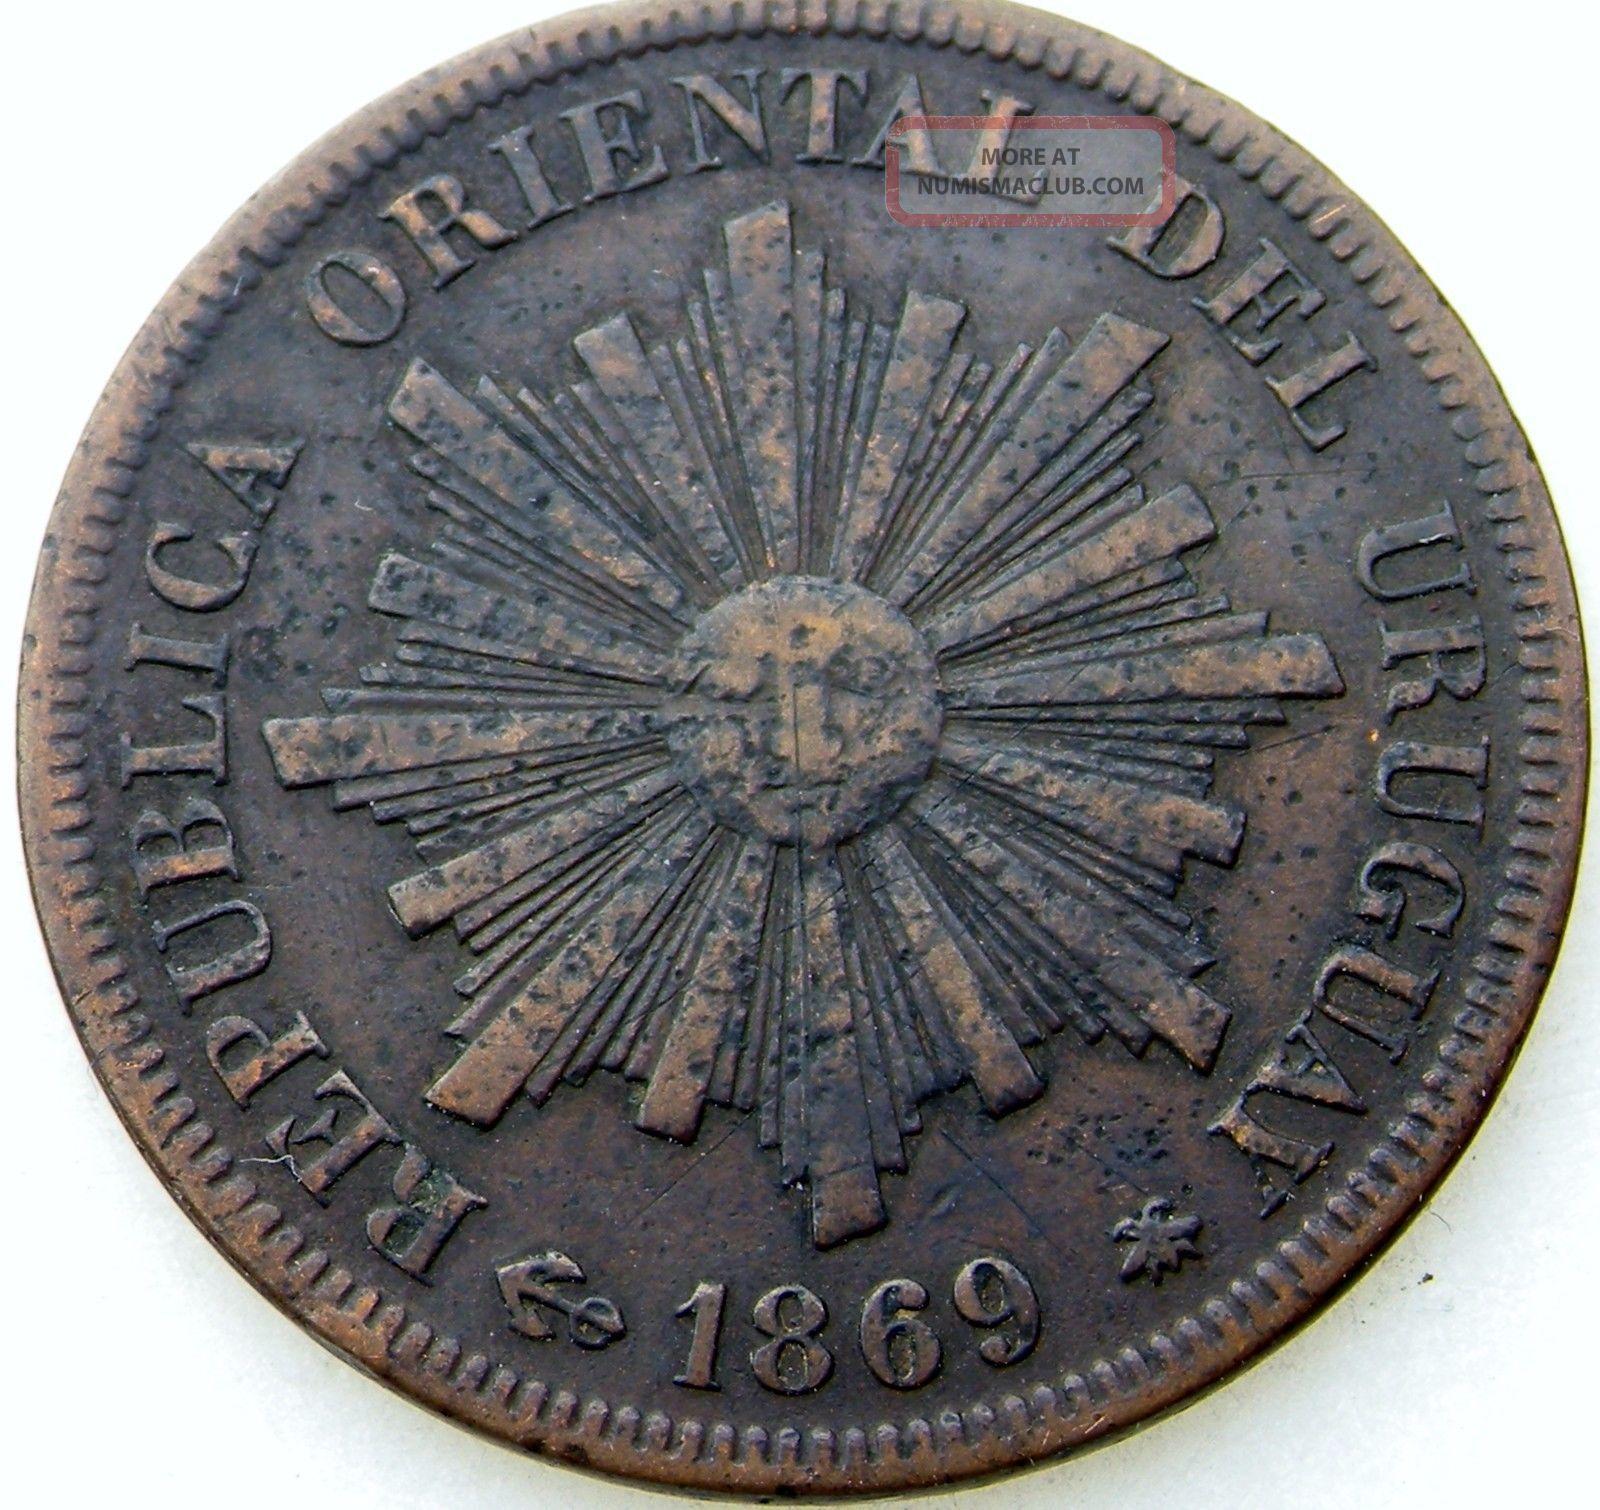 Rare 1869 Moneda 1 Centimo Republica Oriental Del Uruguay Coin South America photo